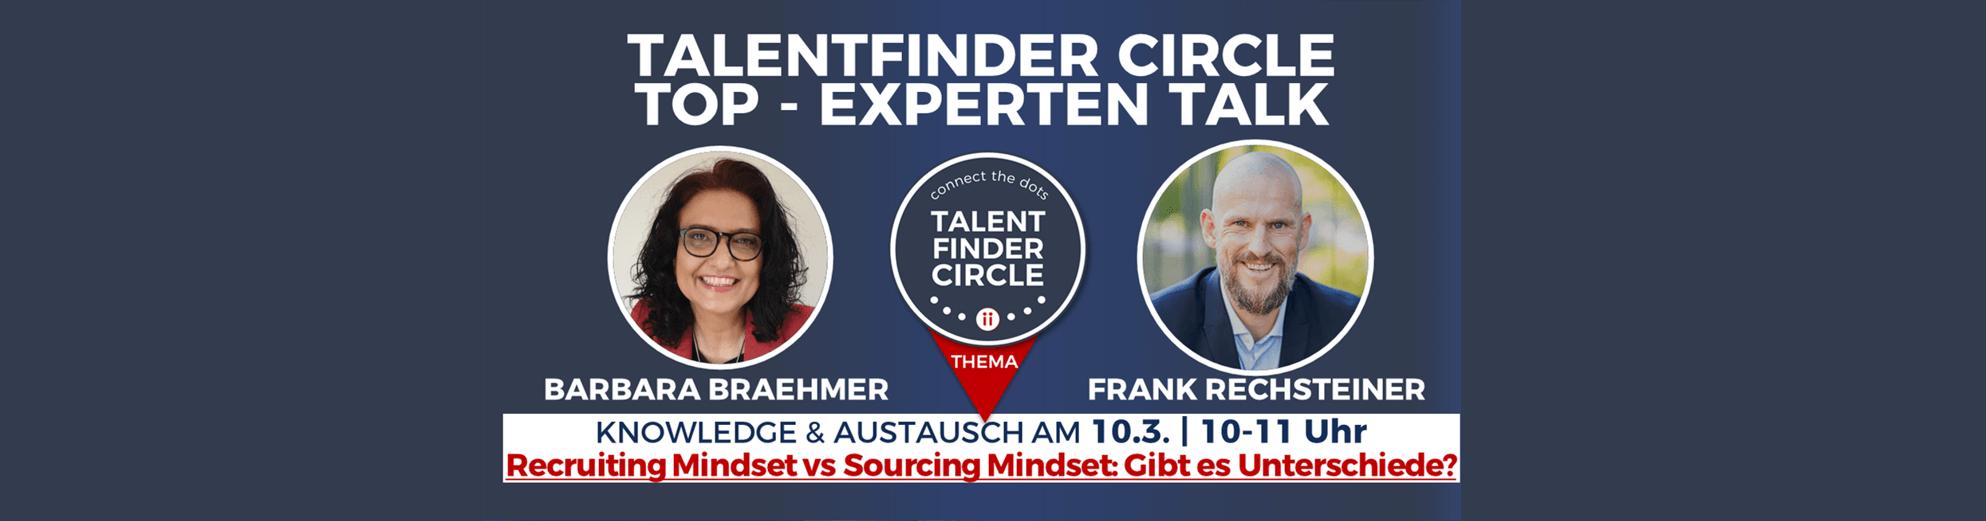 TOP-Experten Talk mit Frank Rechsteiner- TFC - HEADER -20210310